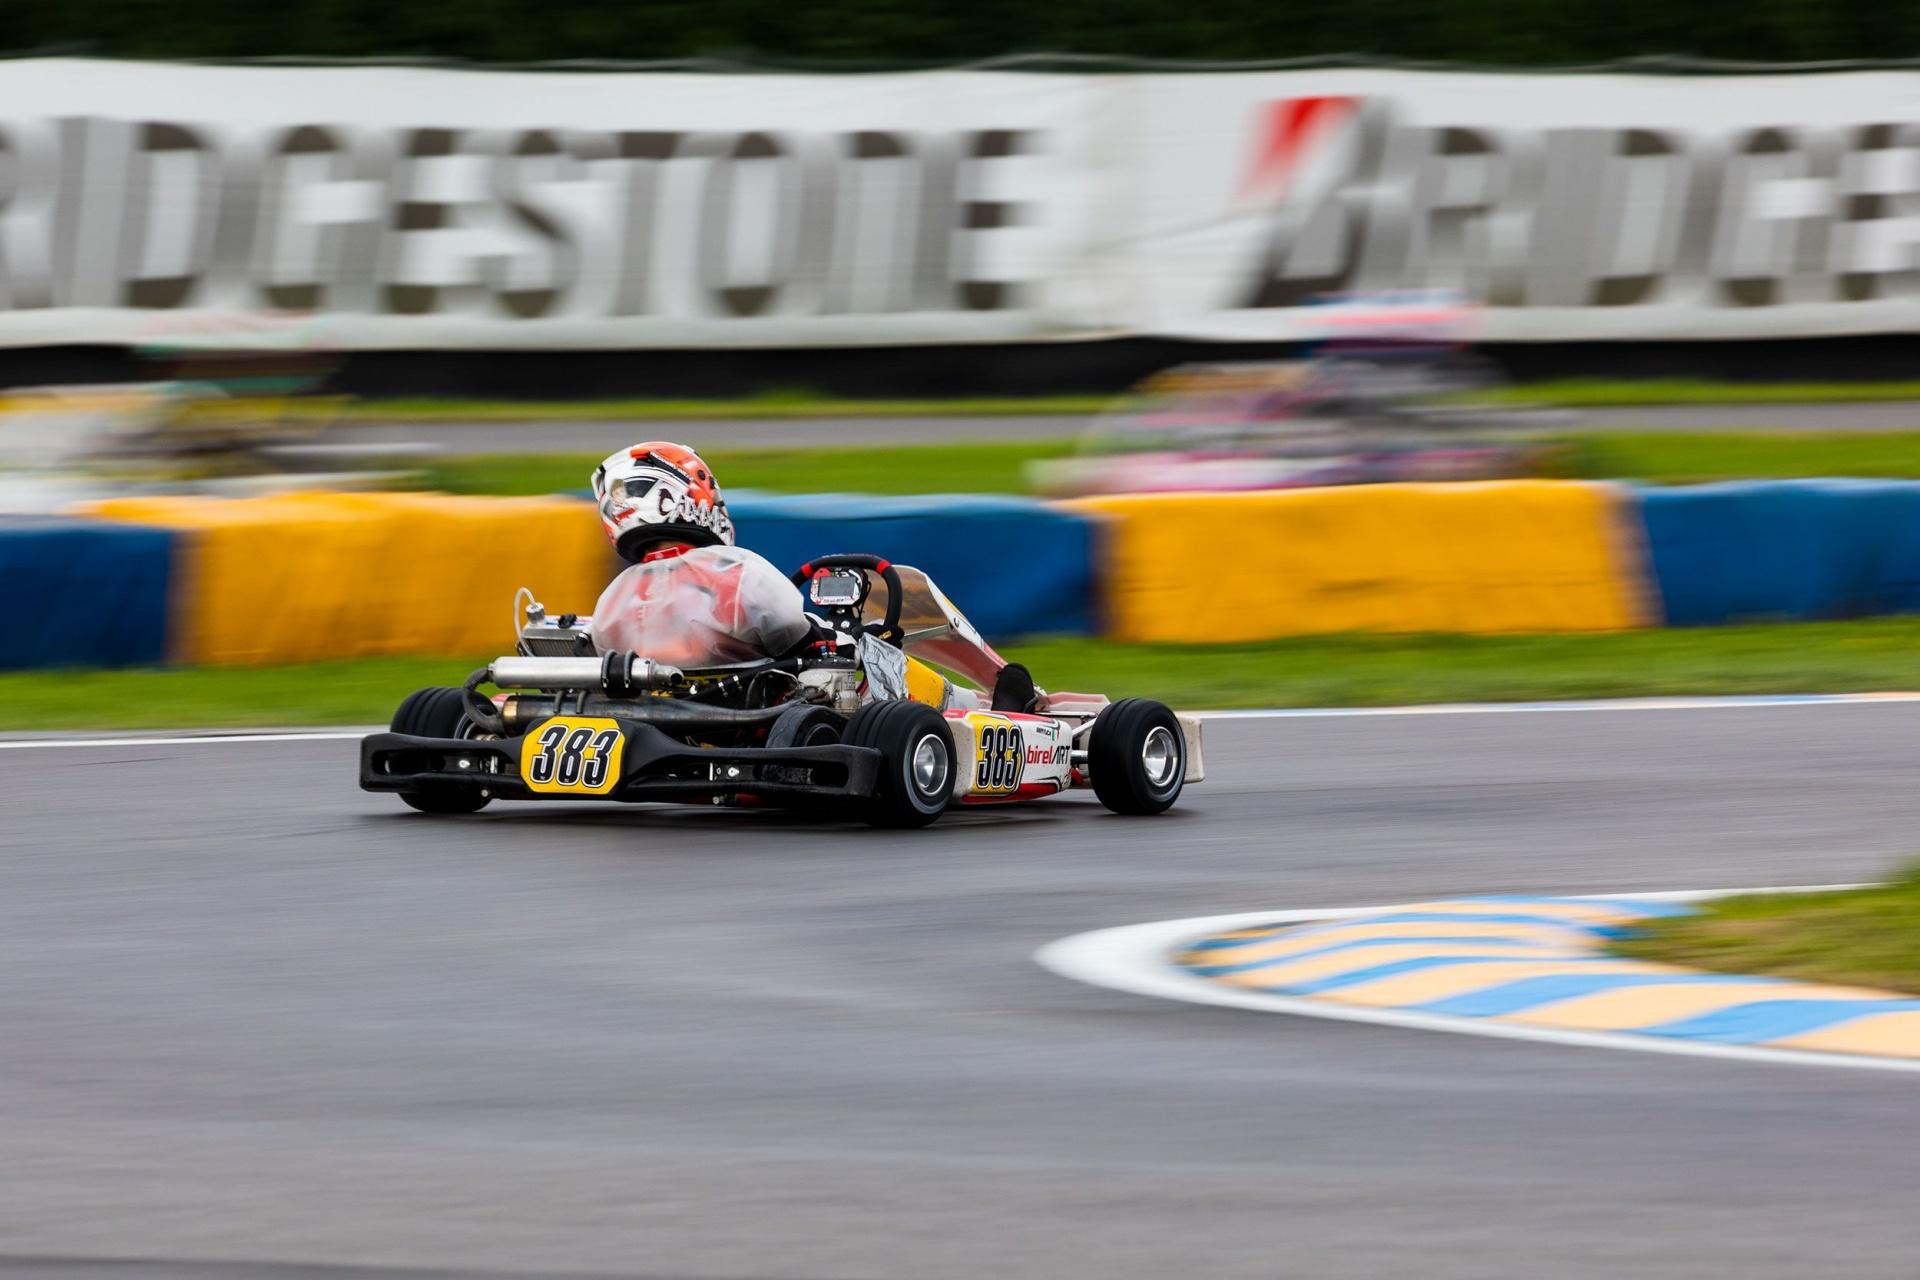 Bertuca conclude la stagione ACI X30 Senior al 7 Laghi